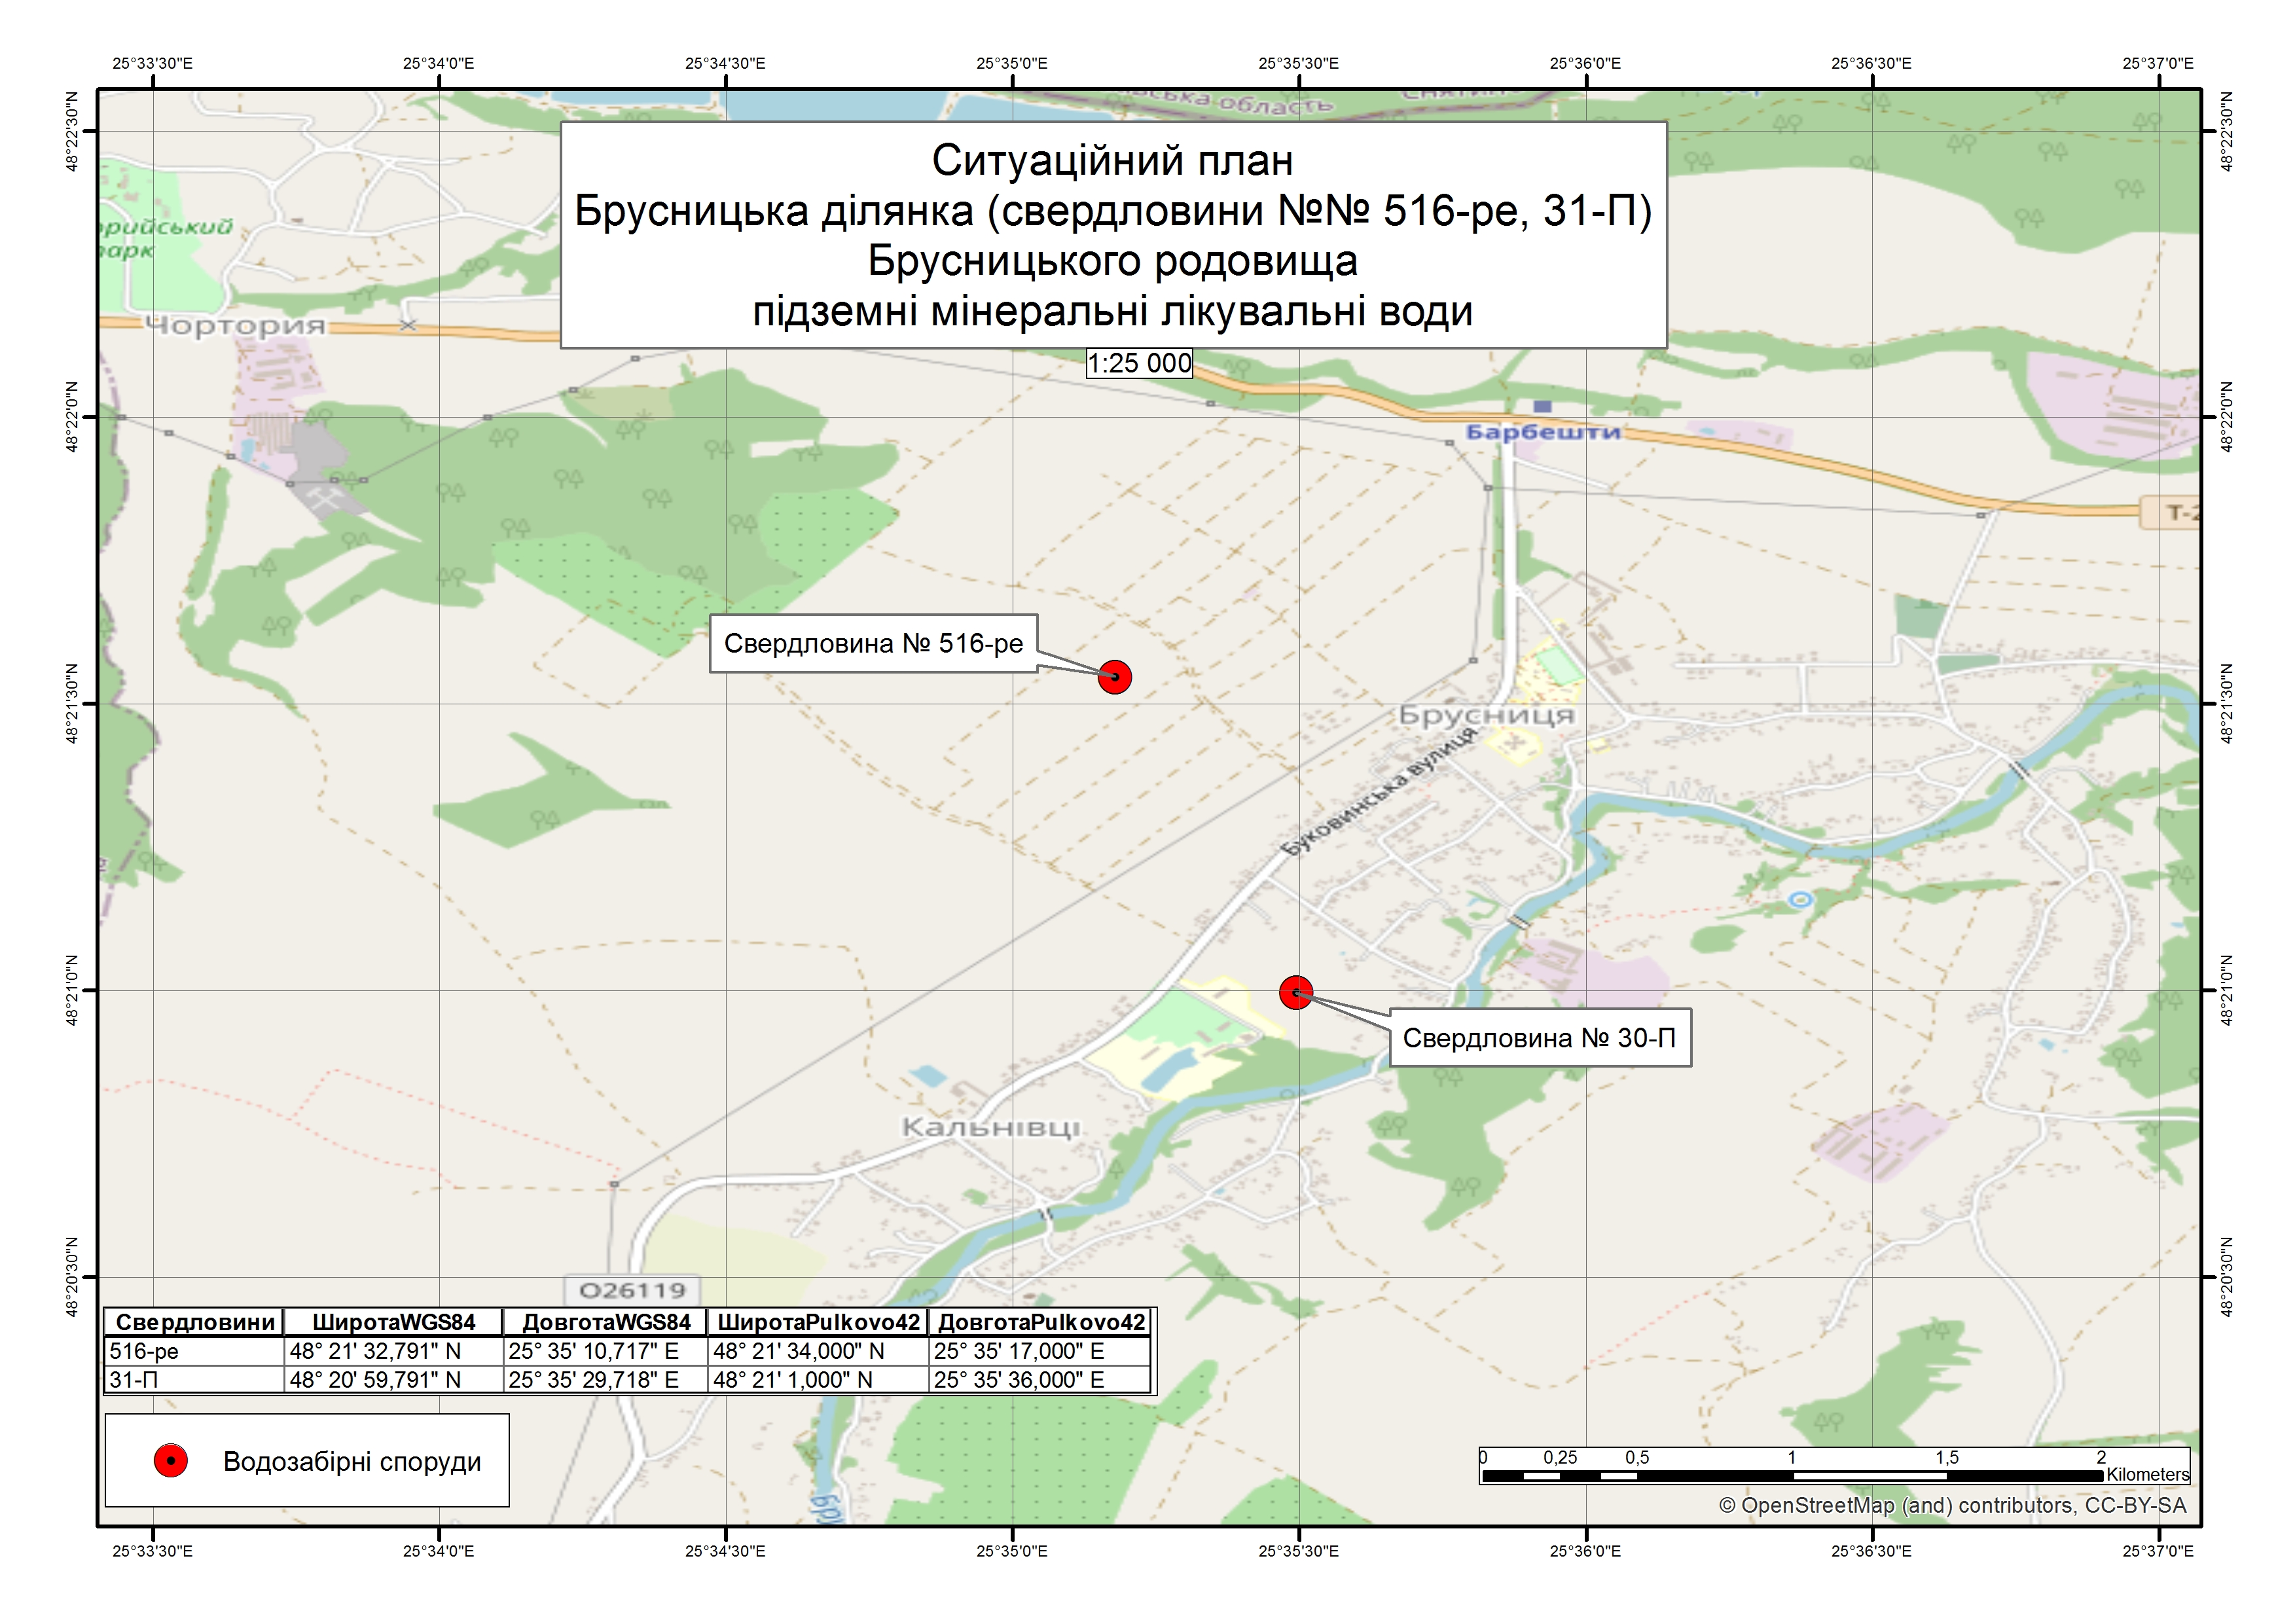 Спеціальний дозвіл на користування надрами – Брусницька ділянка (свердловини №№ 516-ре, 31-П) Брусницького родовища. Вартість геологічної інформації – 61 307,63 грн (з ПДВ). Вартість пакету аукціонної документації – 41 969,43 грн (з ПДВ).